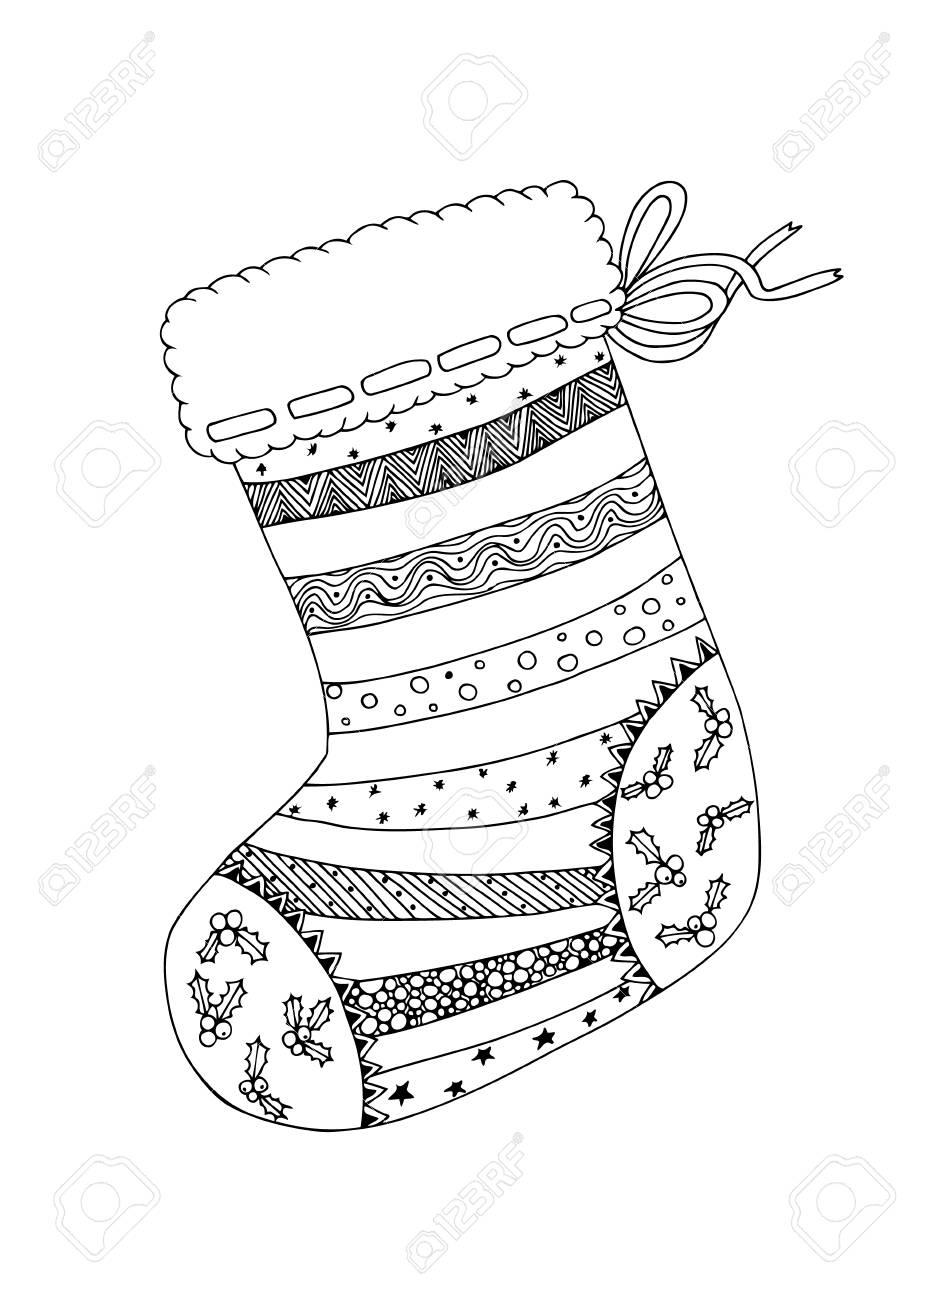 Immagini Di Natale In Bianco E Nero.Doodle Schizzo Di Calza Di Natale In Bianco E Nero Design Libro Da Colorare Per Adulti E Piu Anziani Illustrazione Disegnata A Mano